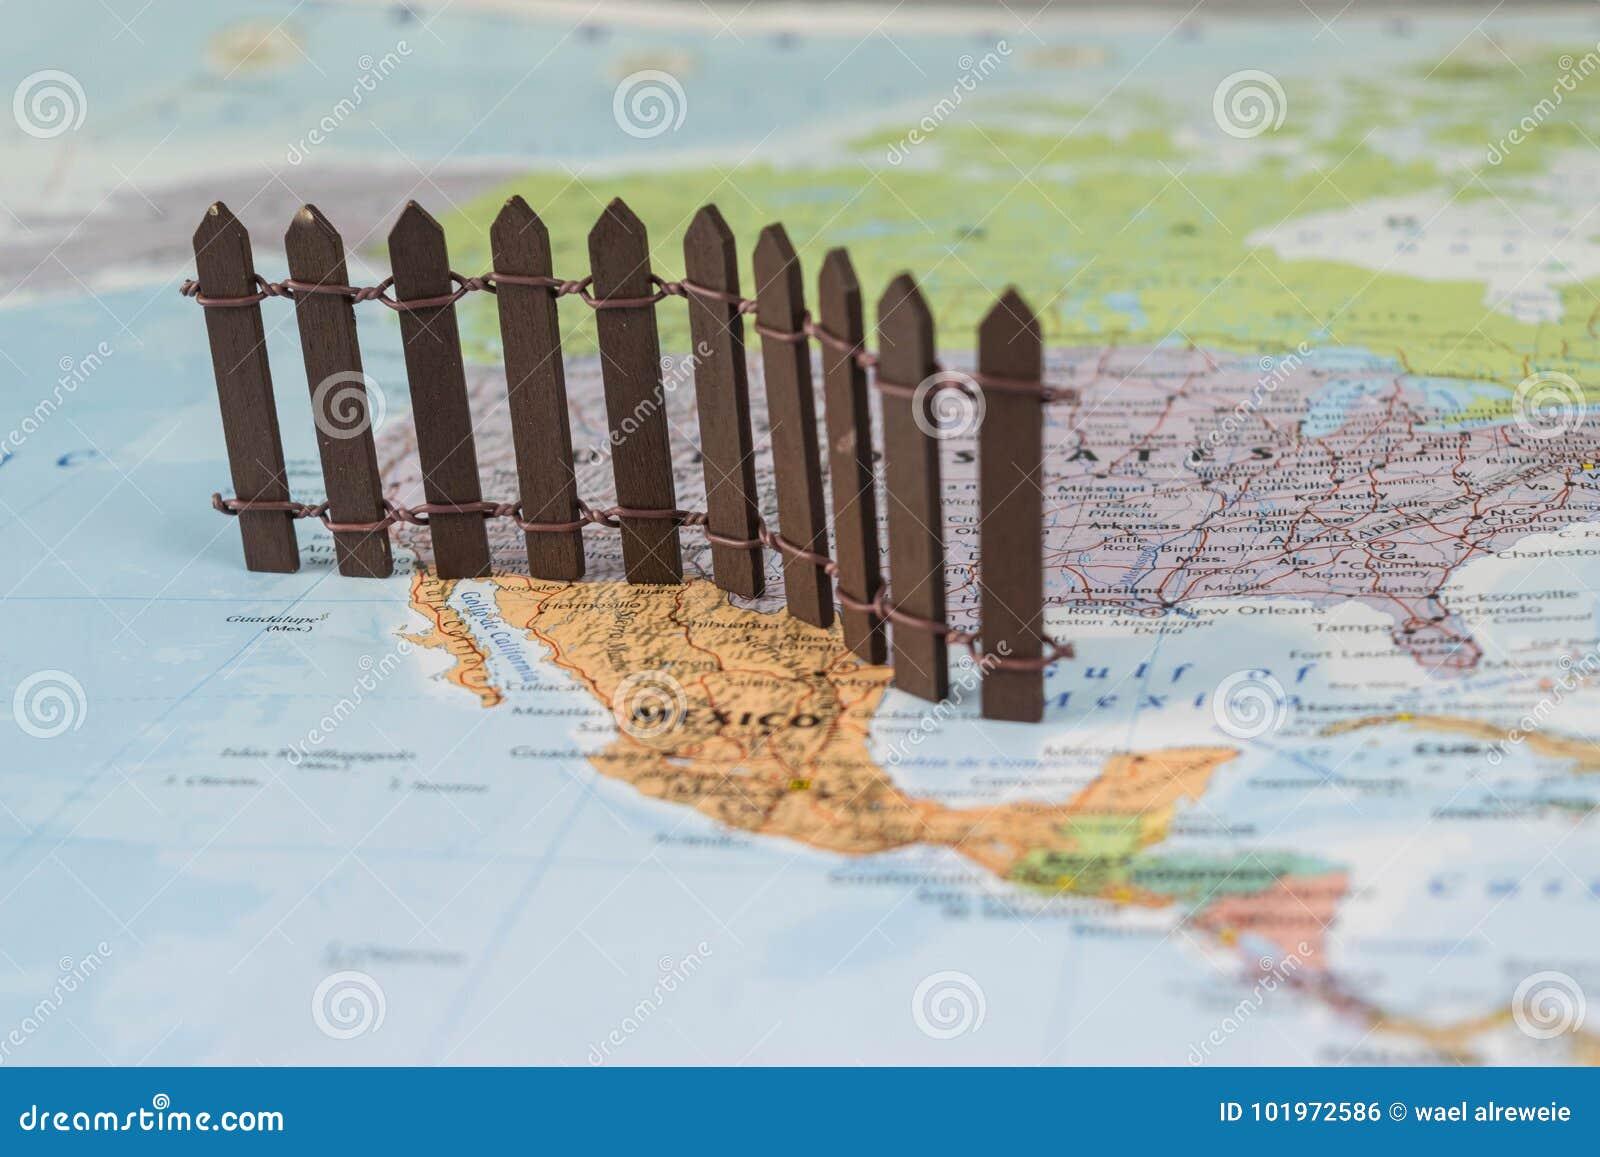 Concept de mur Nous-mexicain de frontière comme proposé par le Président américain Donald Trump